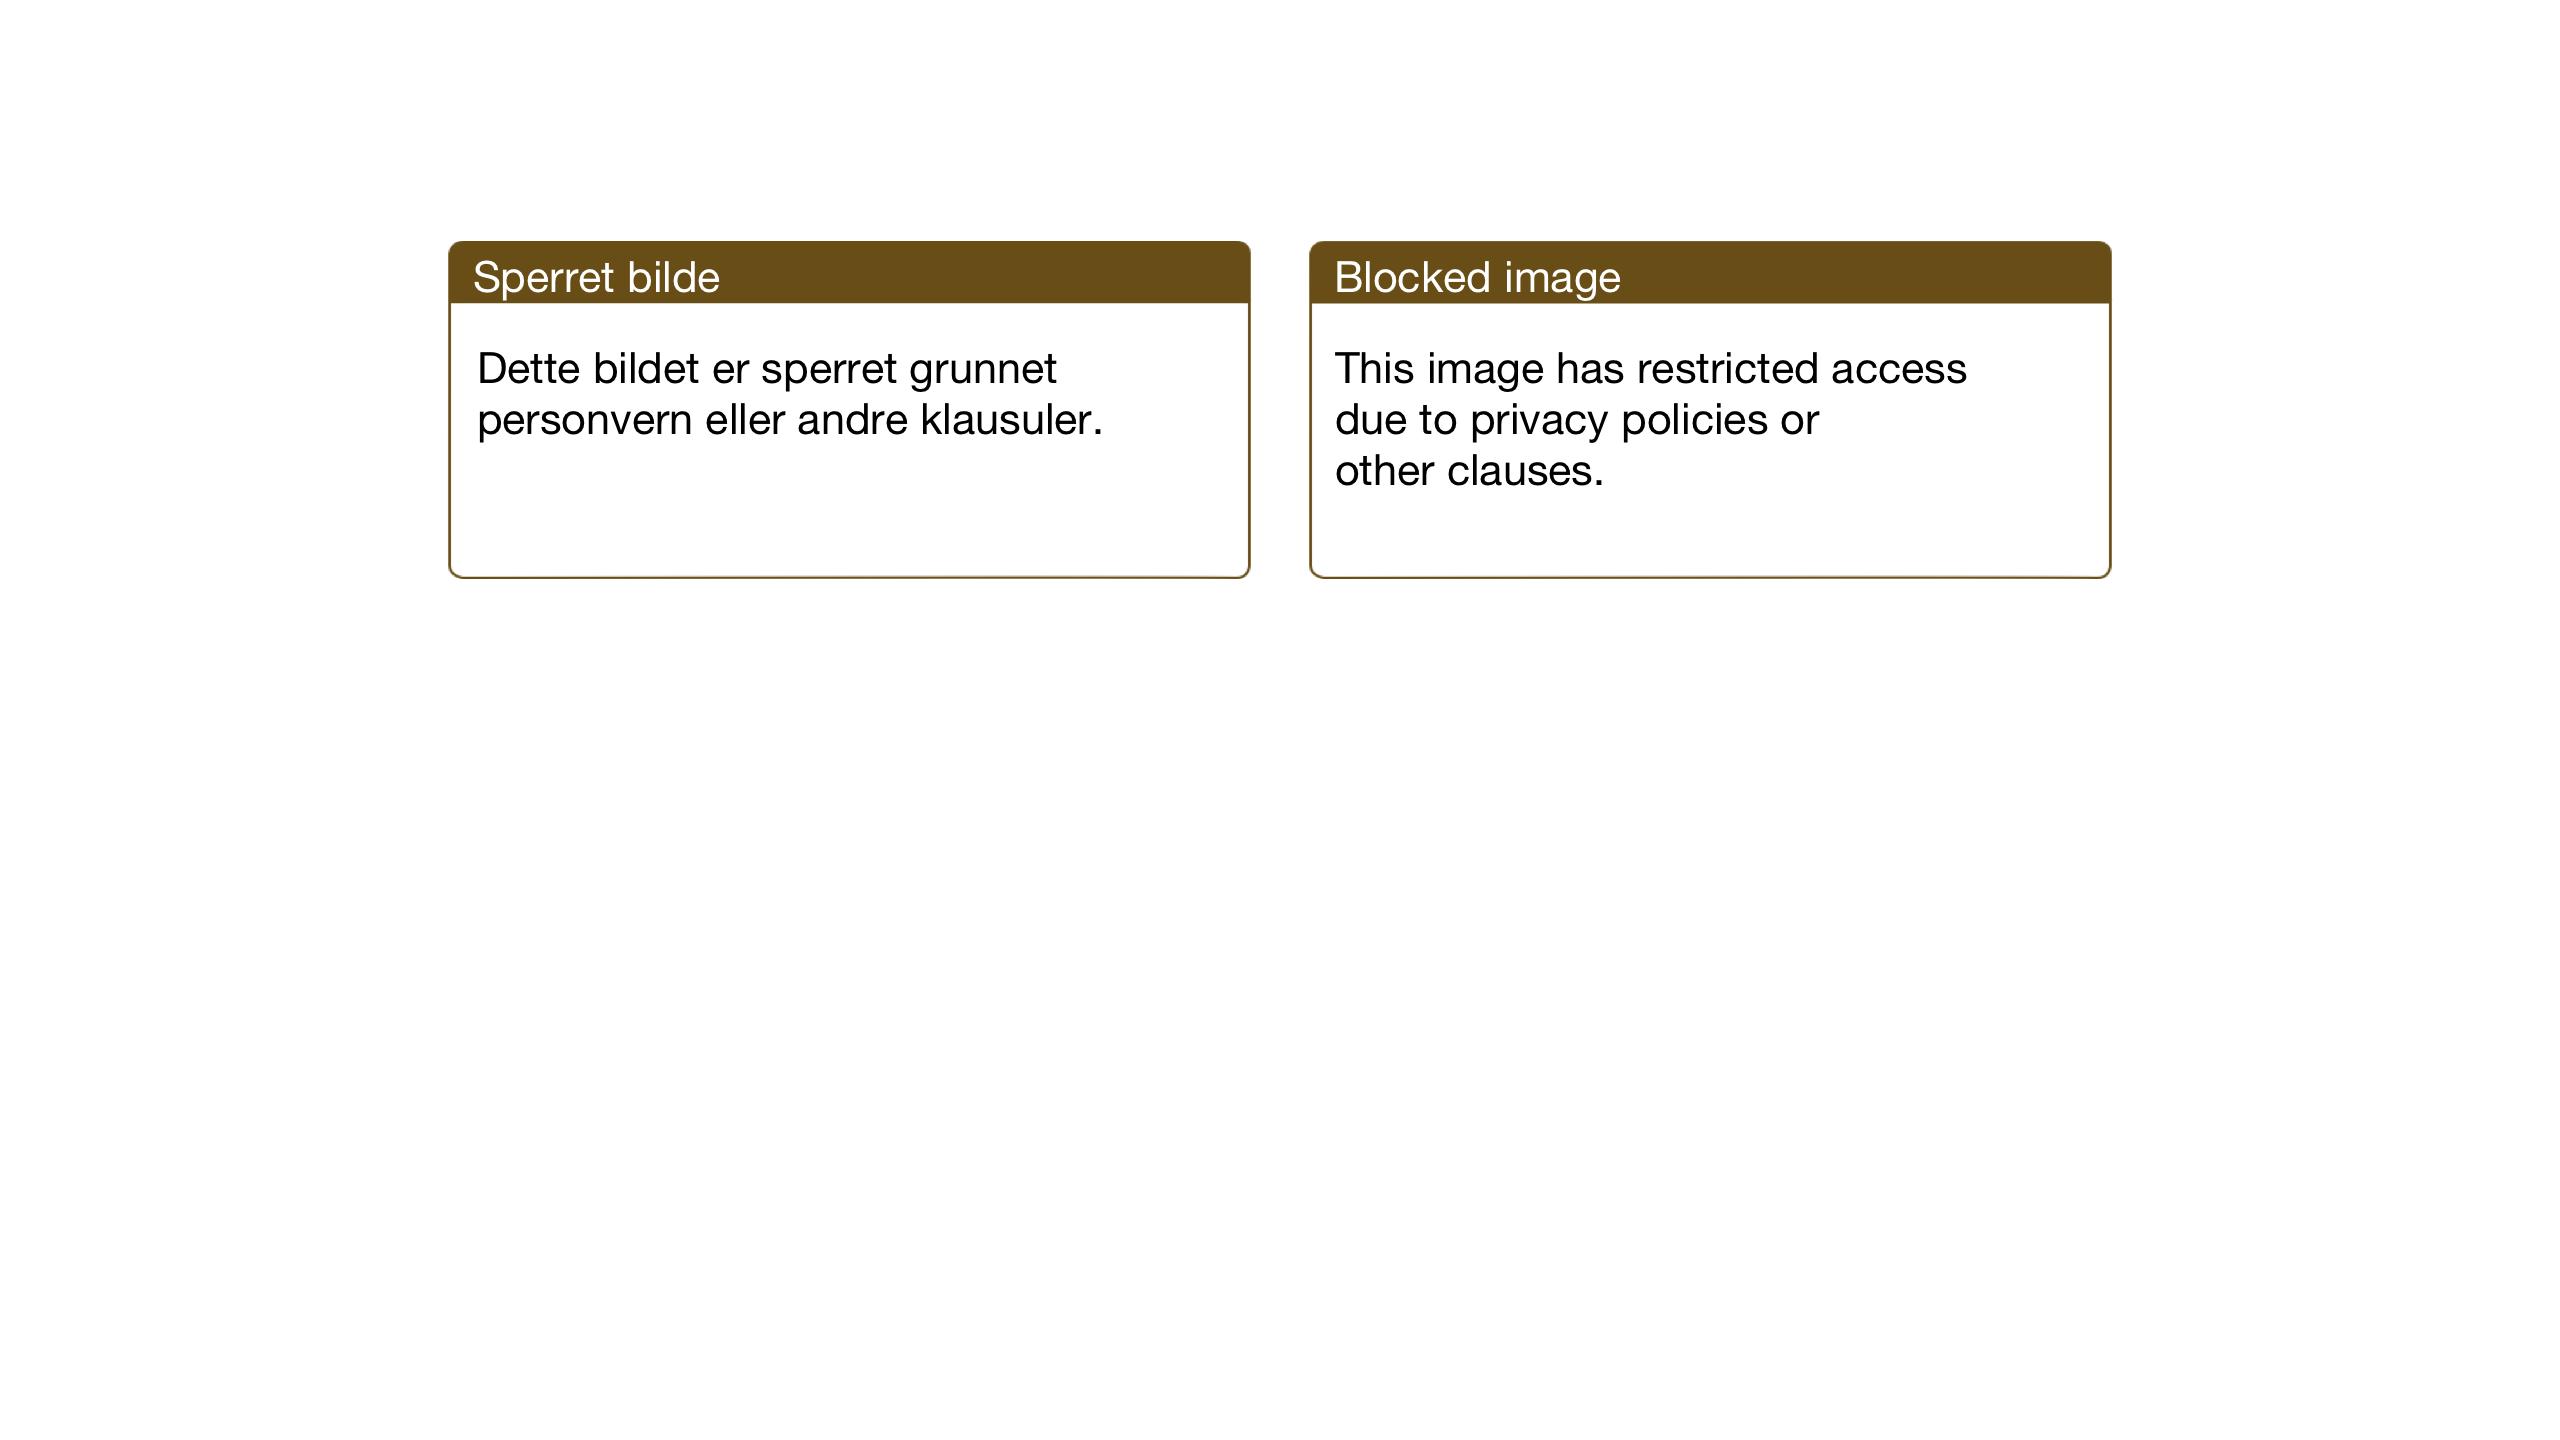 SAT, Ministerialprotokoller, klokkerbøker og fødselsregistre - Sør-Trøndelag, 667/L0799: Klokkerbok nr. 667C04, 1929-1950, s. 11